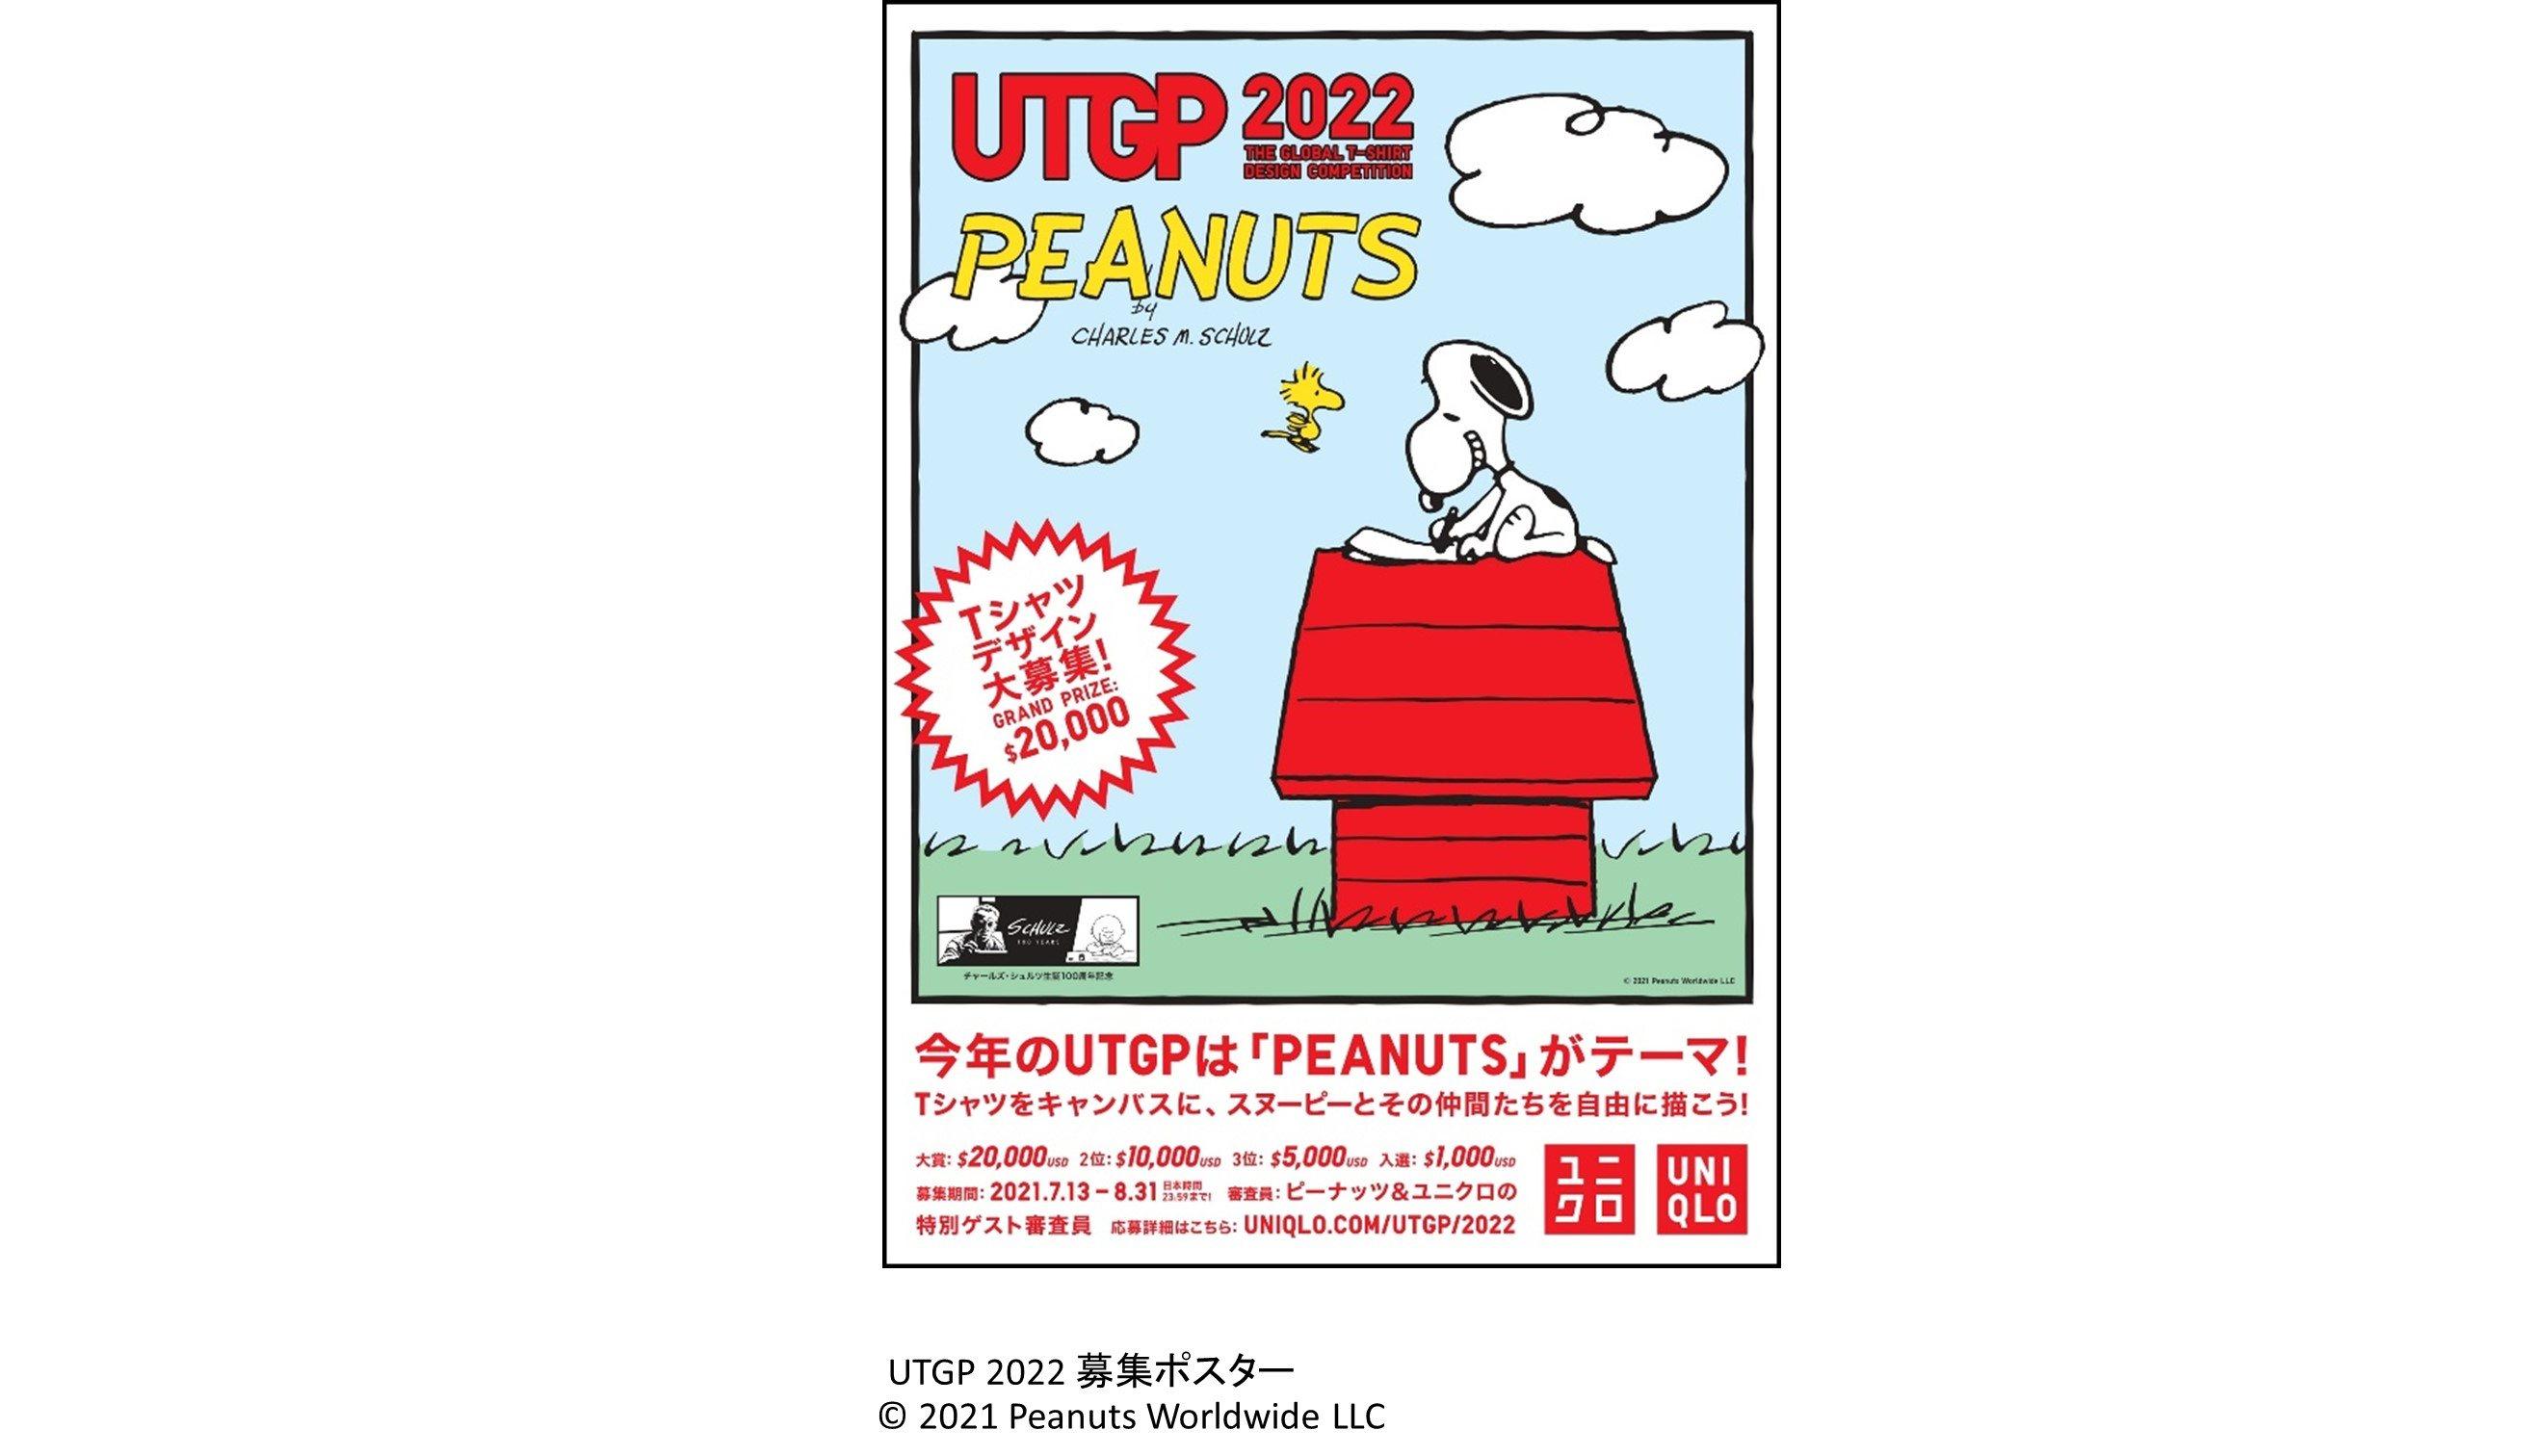 ut-grand-prix-20221